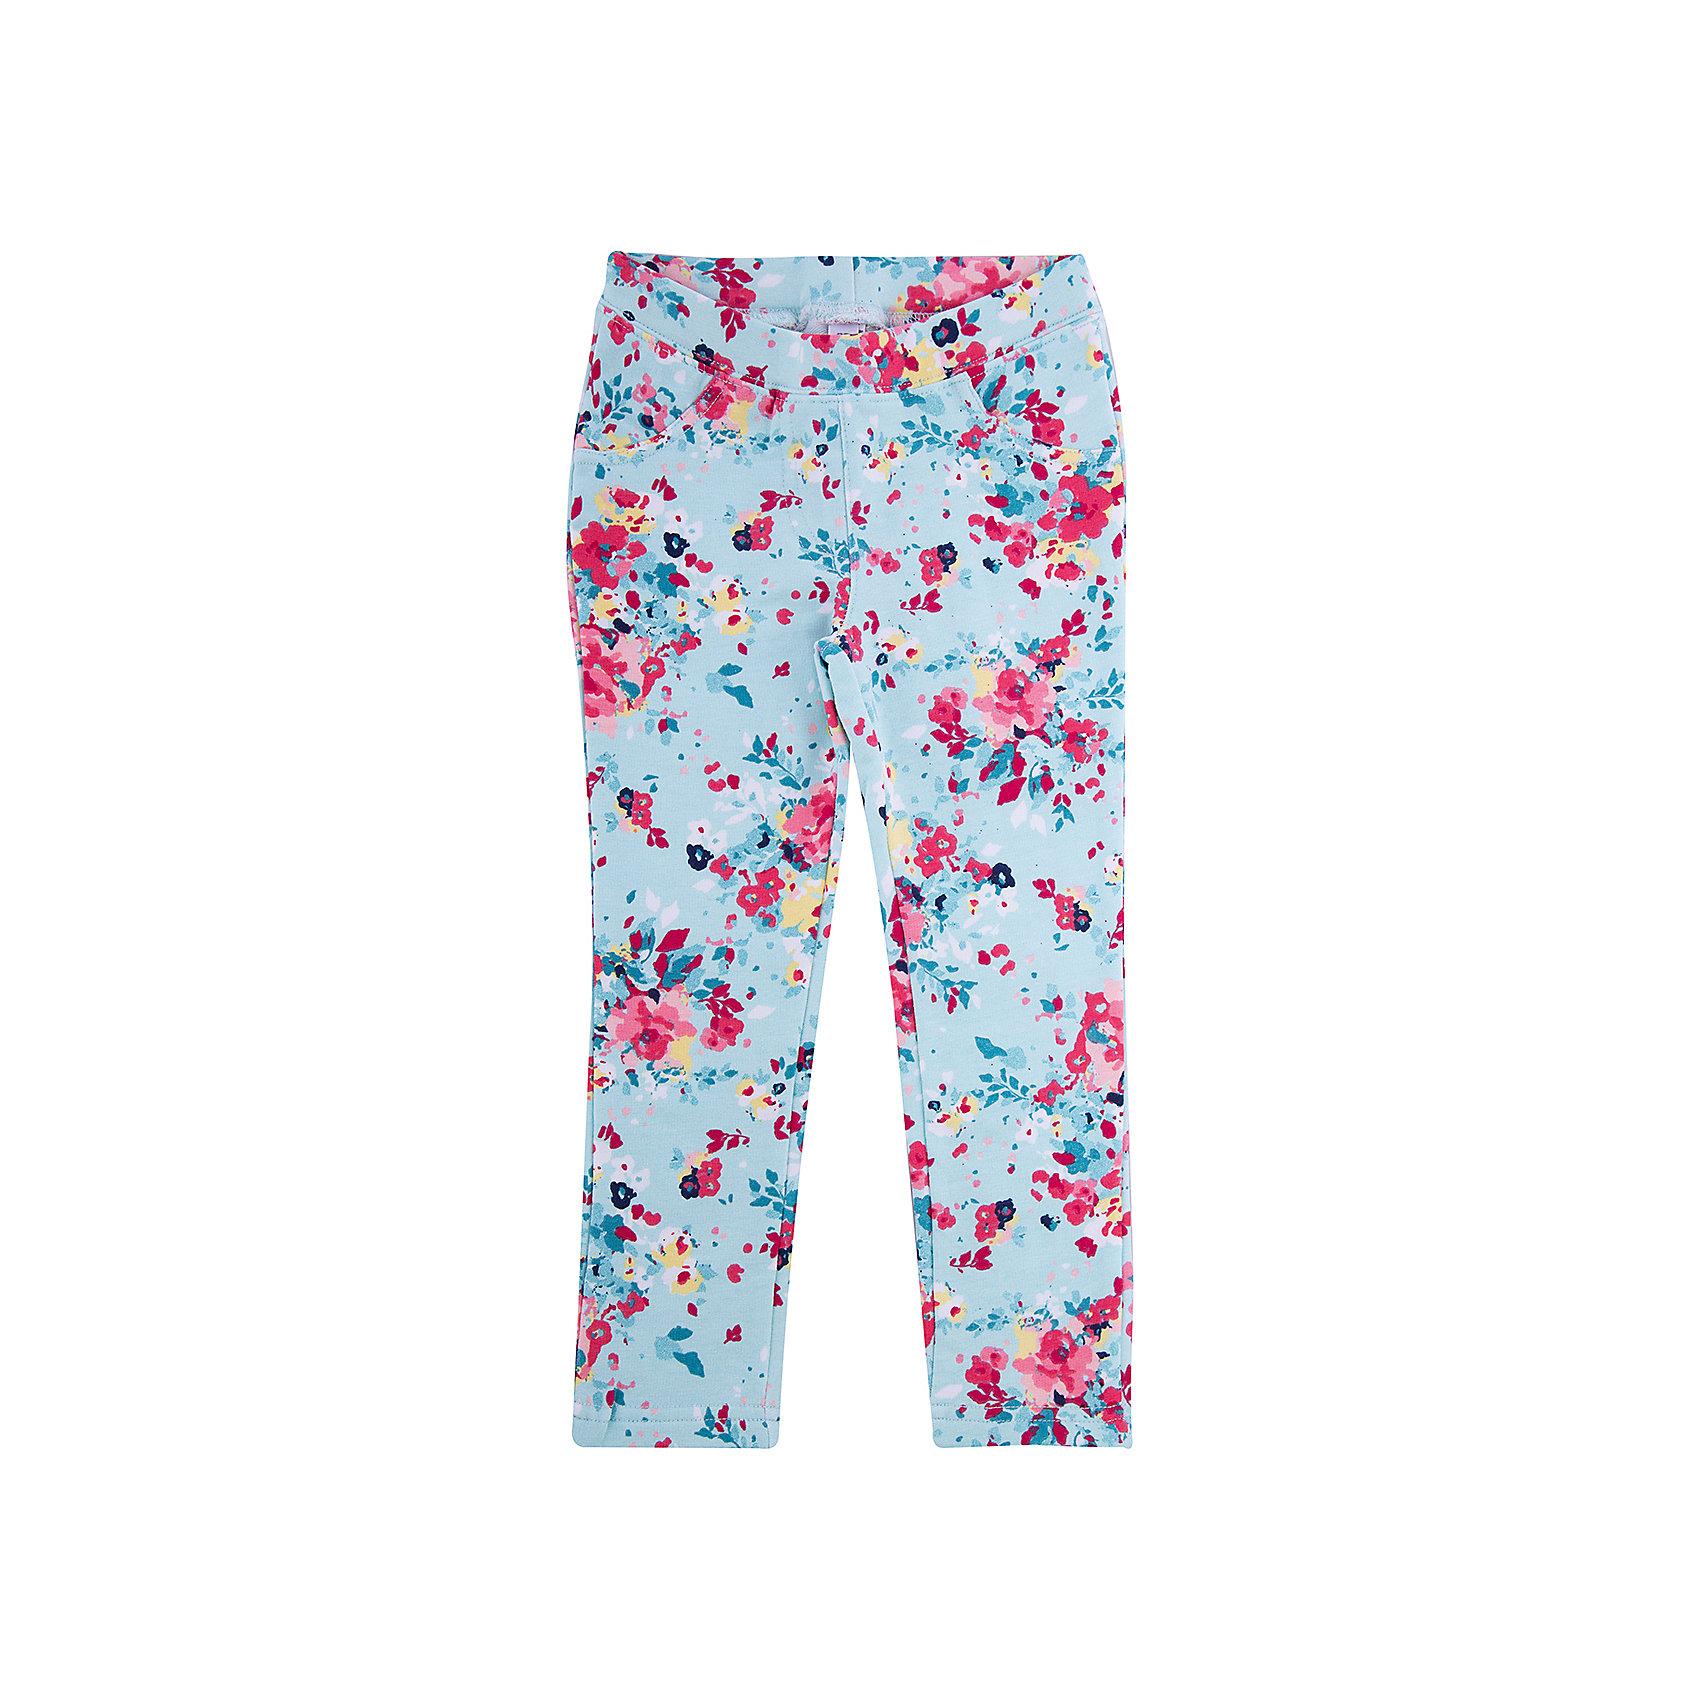 Брюки для девочки PlayTodayЛеггинсы<br>Брюки для девочки PlayToday<br>Стильные брюки из мягкой цветной ткани будут прекрасным дополнением детского гардероба. Мягкая ткань не сковывает движений ребенка. Пояс на резинке, что не позволяет брюкам сползать. Яркий цветочный принт ткани актуален этой весной.  <br><br>Преимущества: <br><br>Мягкая ткань не сковывает движений ребенка<br>Пояс на резинке, который не позволяет брюкам сползать<br>Яркий цветочный принт<br><br>Состав:<br>95% хлопок, 5% эластан<br><br>Ширина мм: 215<br>Глубина мм: 88<br>Высота мм: 191<br>Вес г: 336<br>Цвет: разноцветный<br>Возраст от месяцев: 36<br>Возраст до месяцев: 48<br>Пол: Женский<br>Возраст: Детский<br>Размер: 110,116,122,128,98,104<br>SKU: 5403676